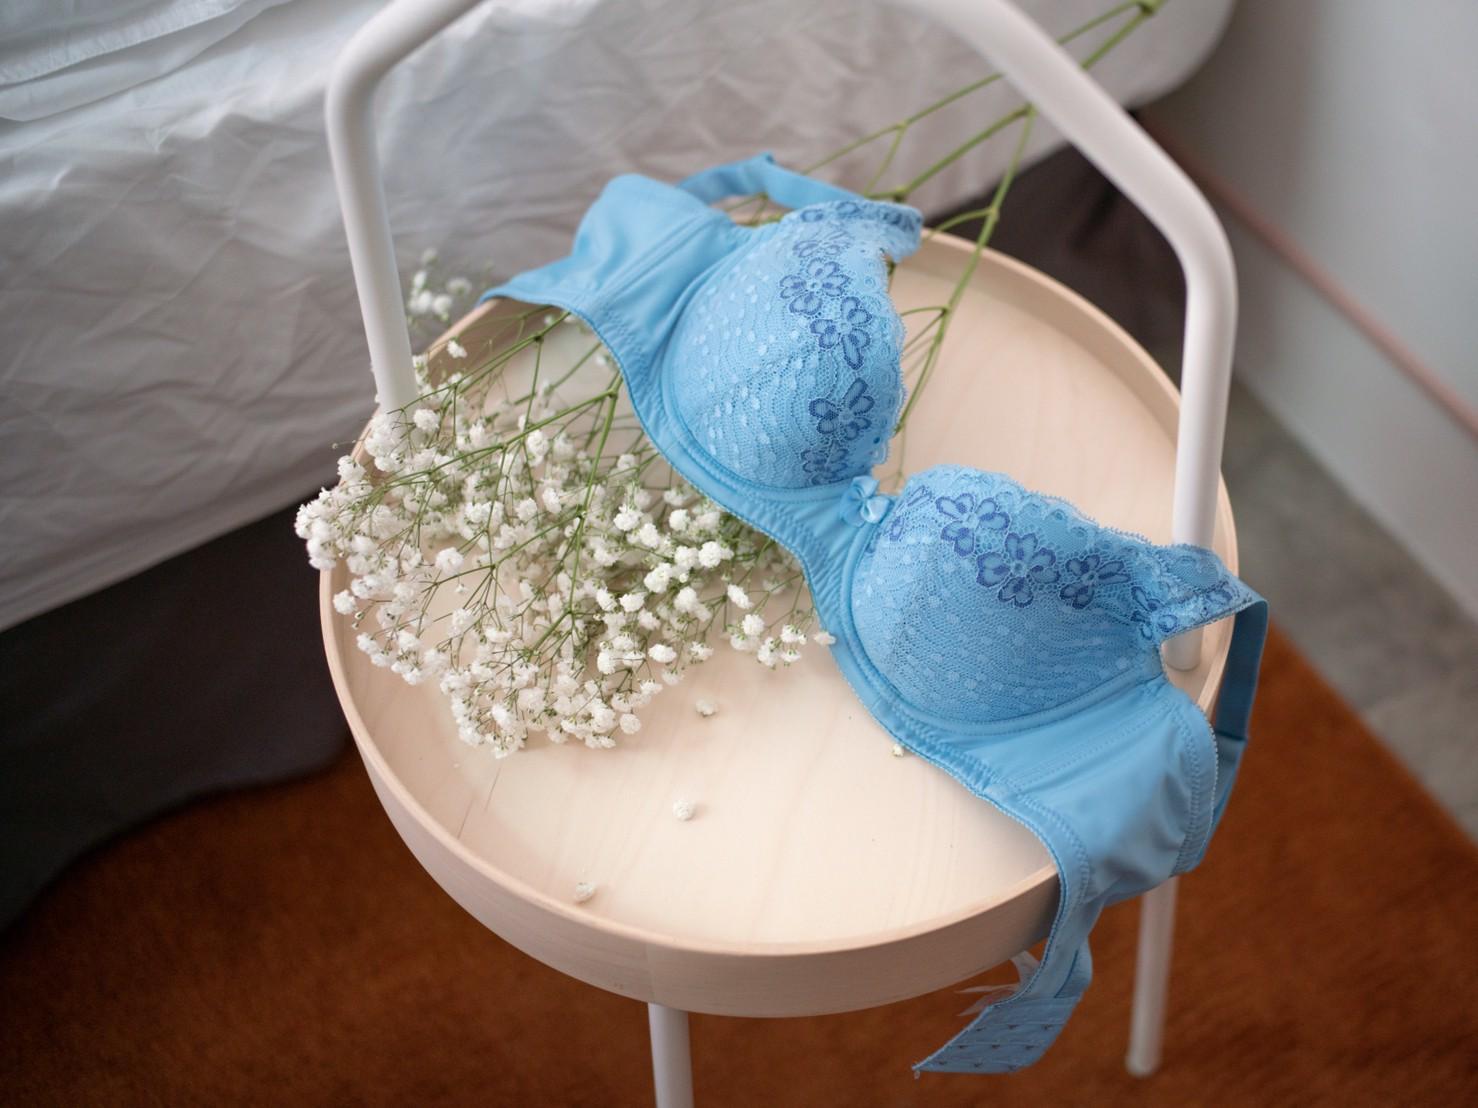 無鋼圈內衣的迷人深V魅力「依夢內衣 Emon」不受拘束的舒適性感的內在美